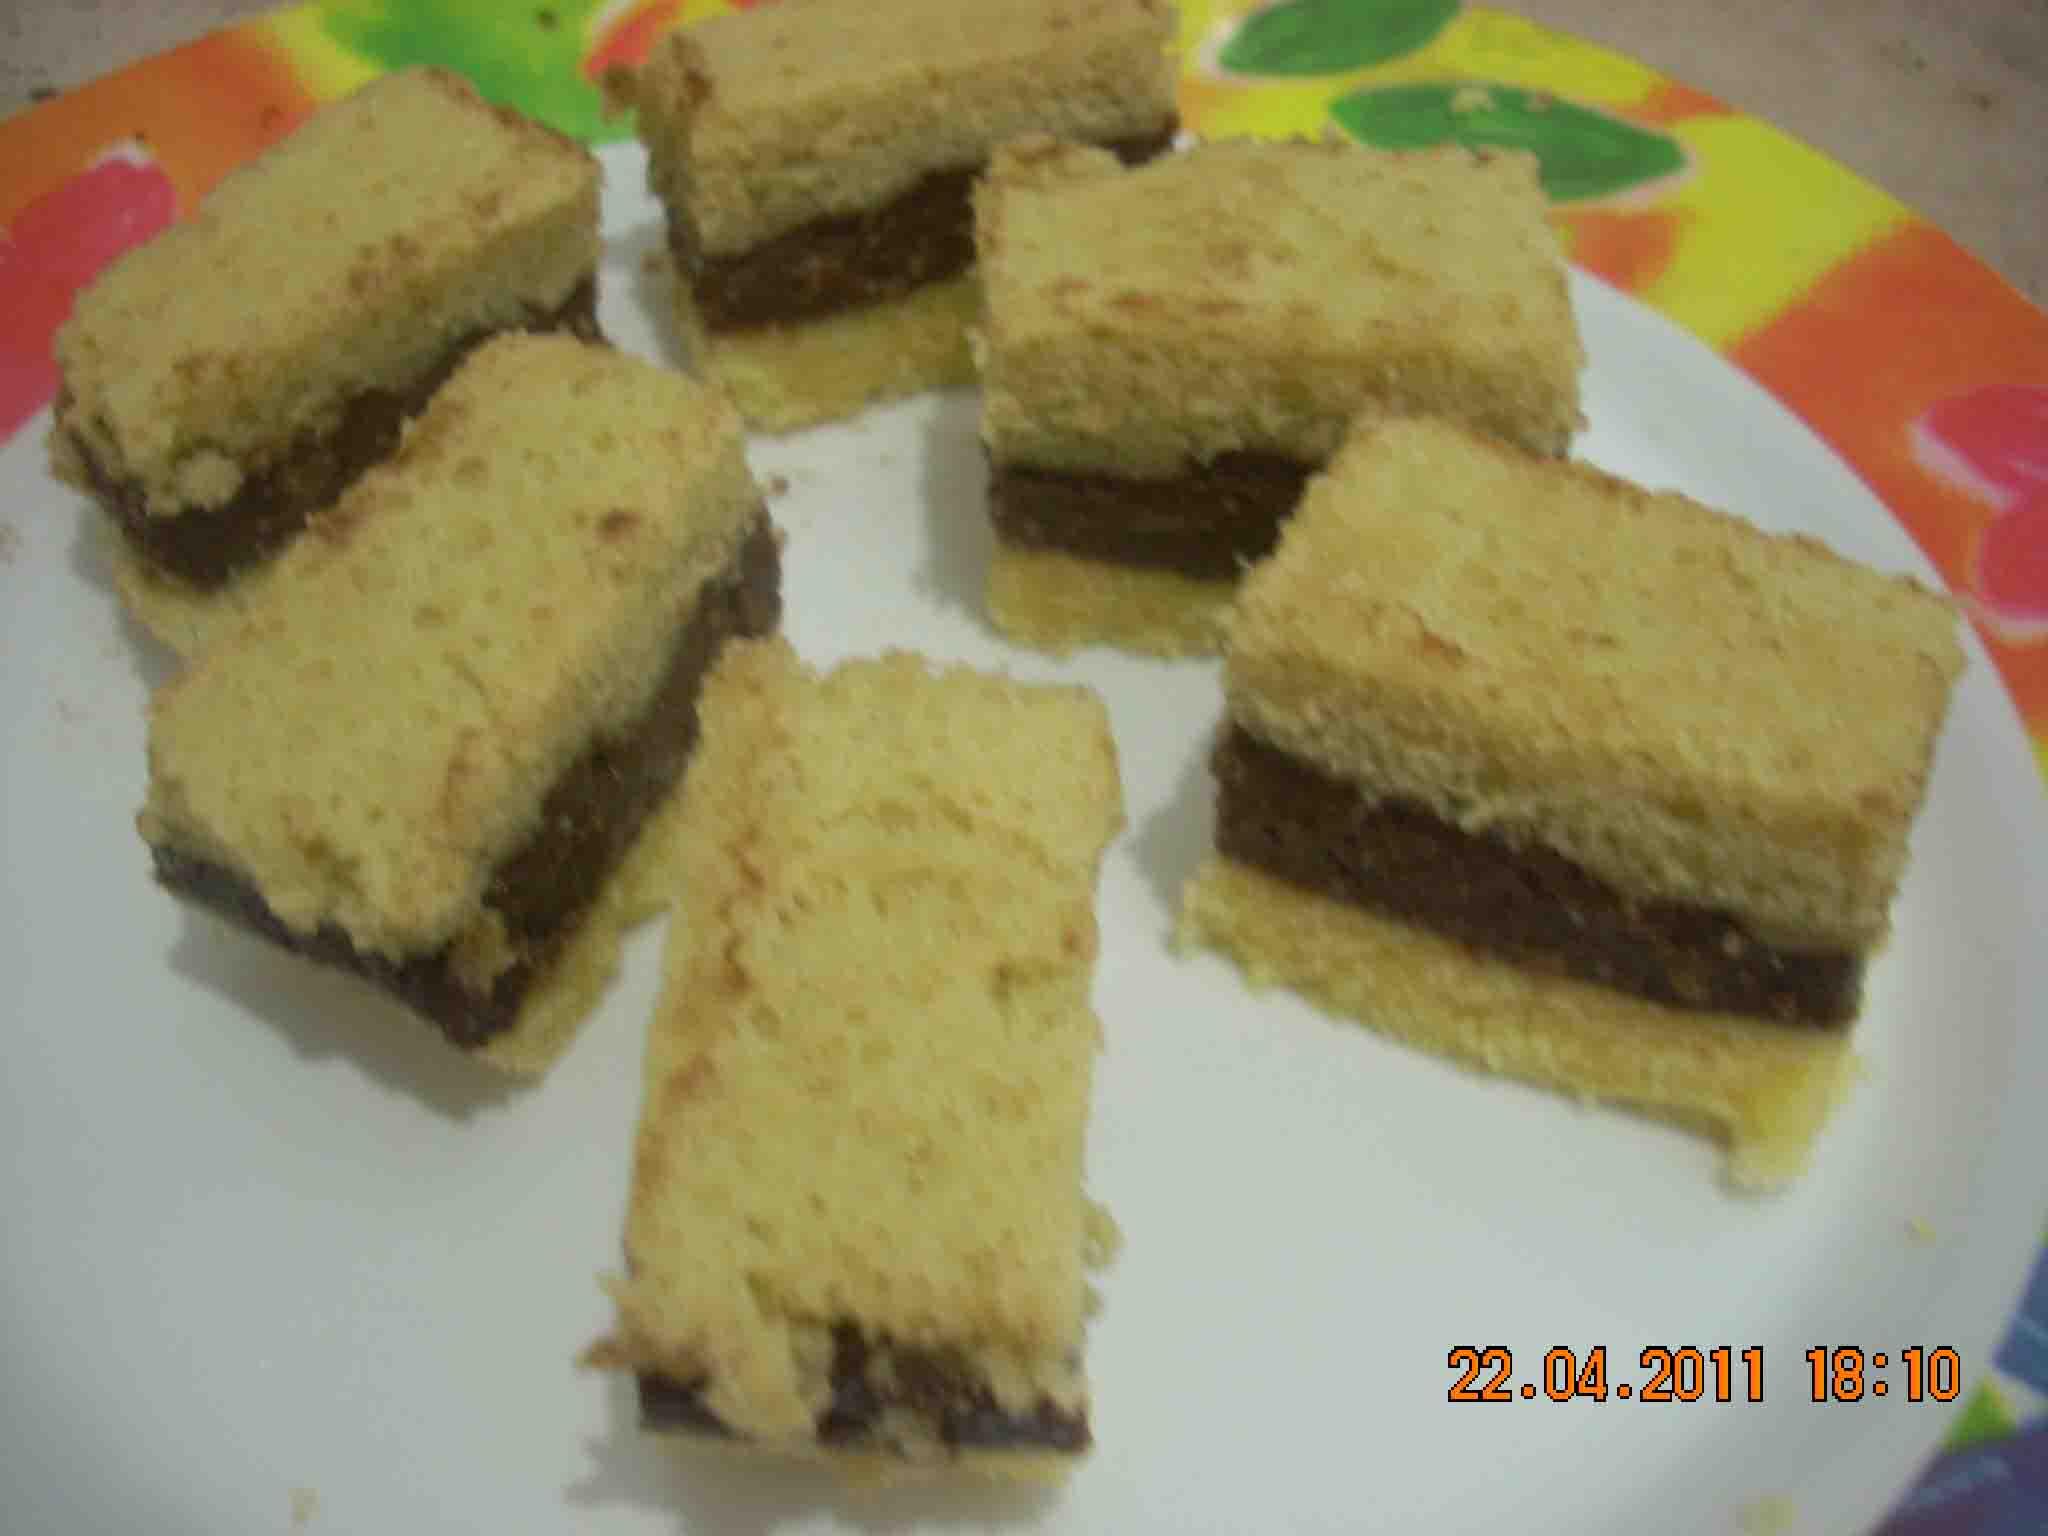 Resep Cake Tiramisu Jtt: Cake Tiramisu Kukus